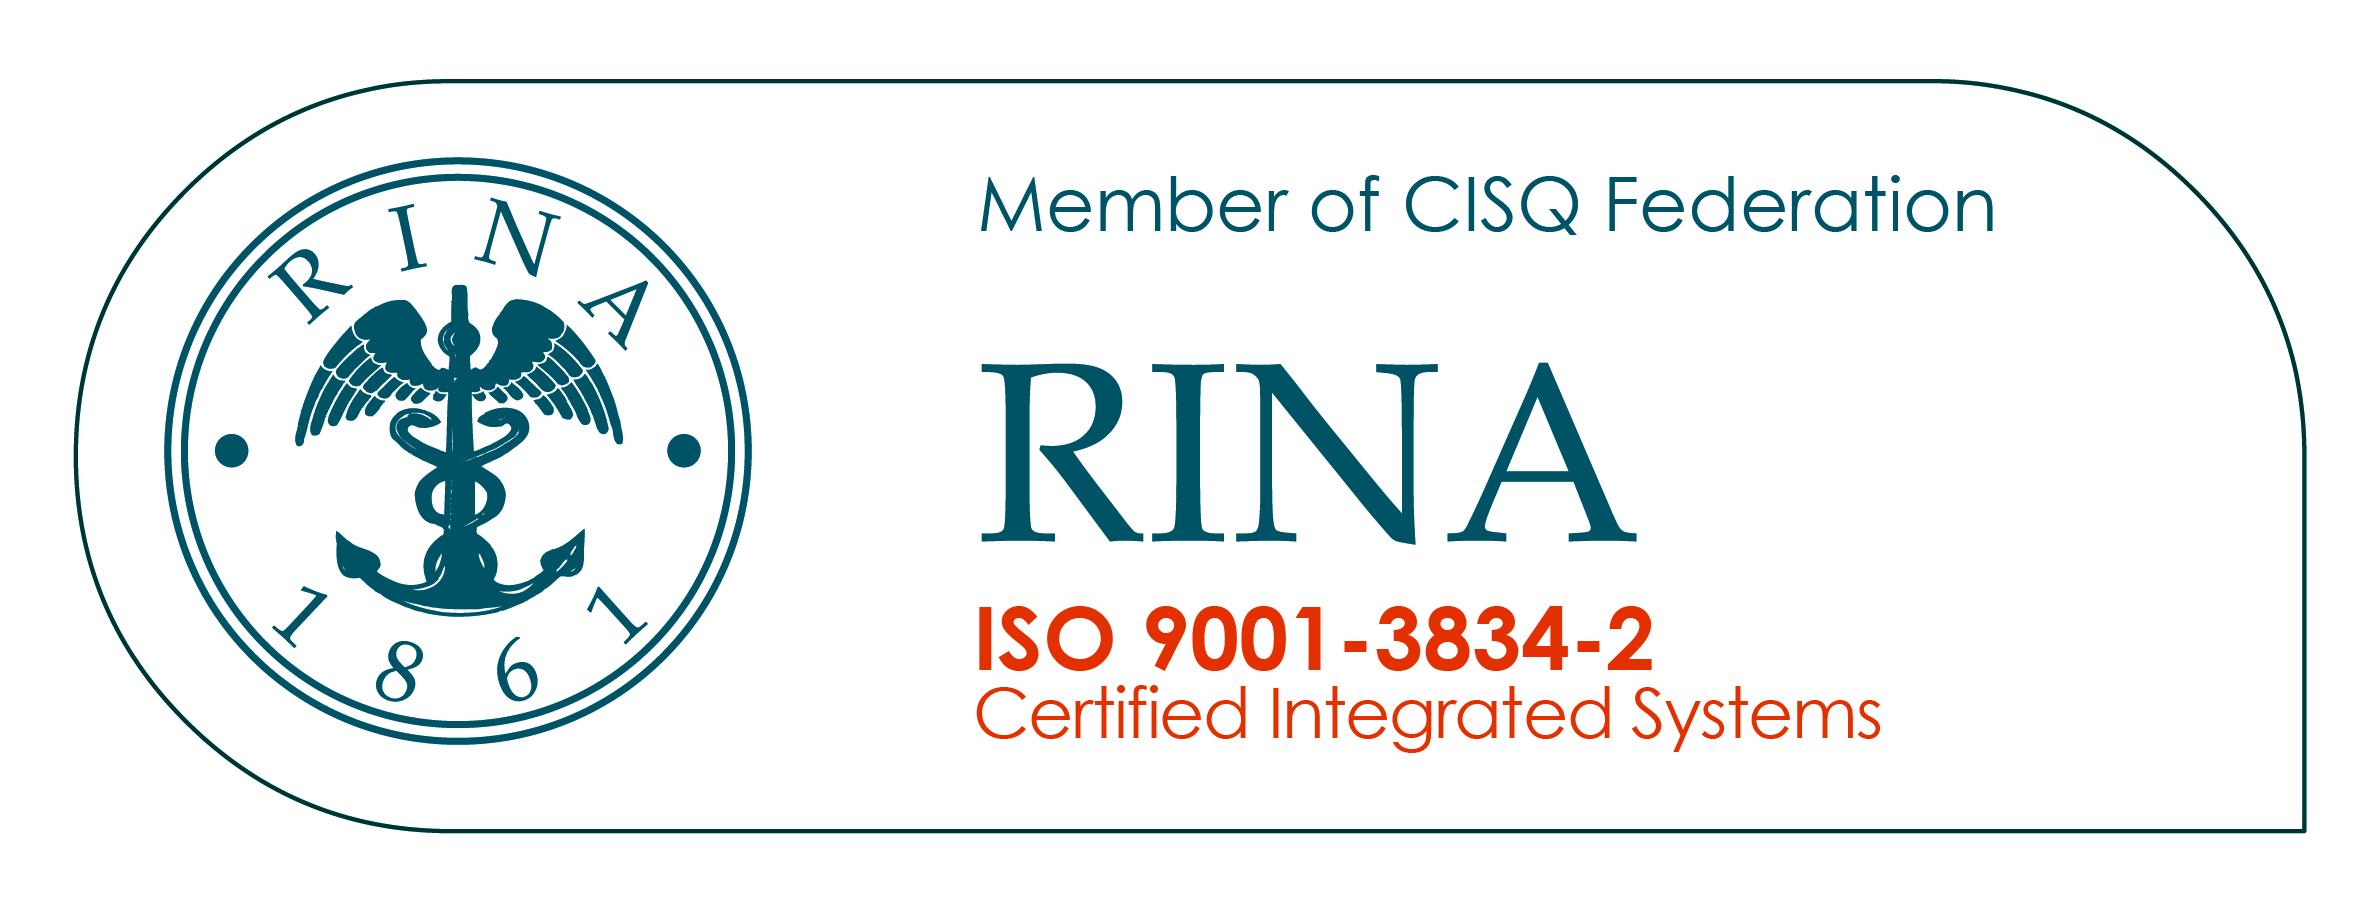 Rina 9001